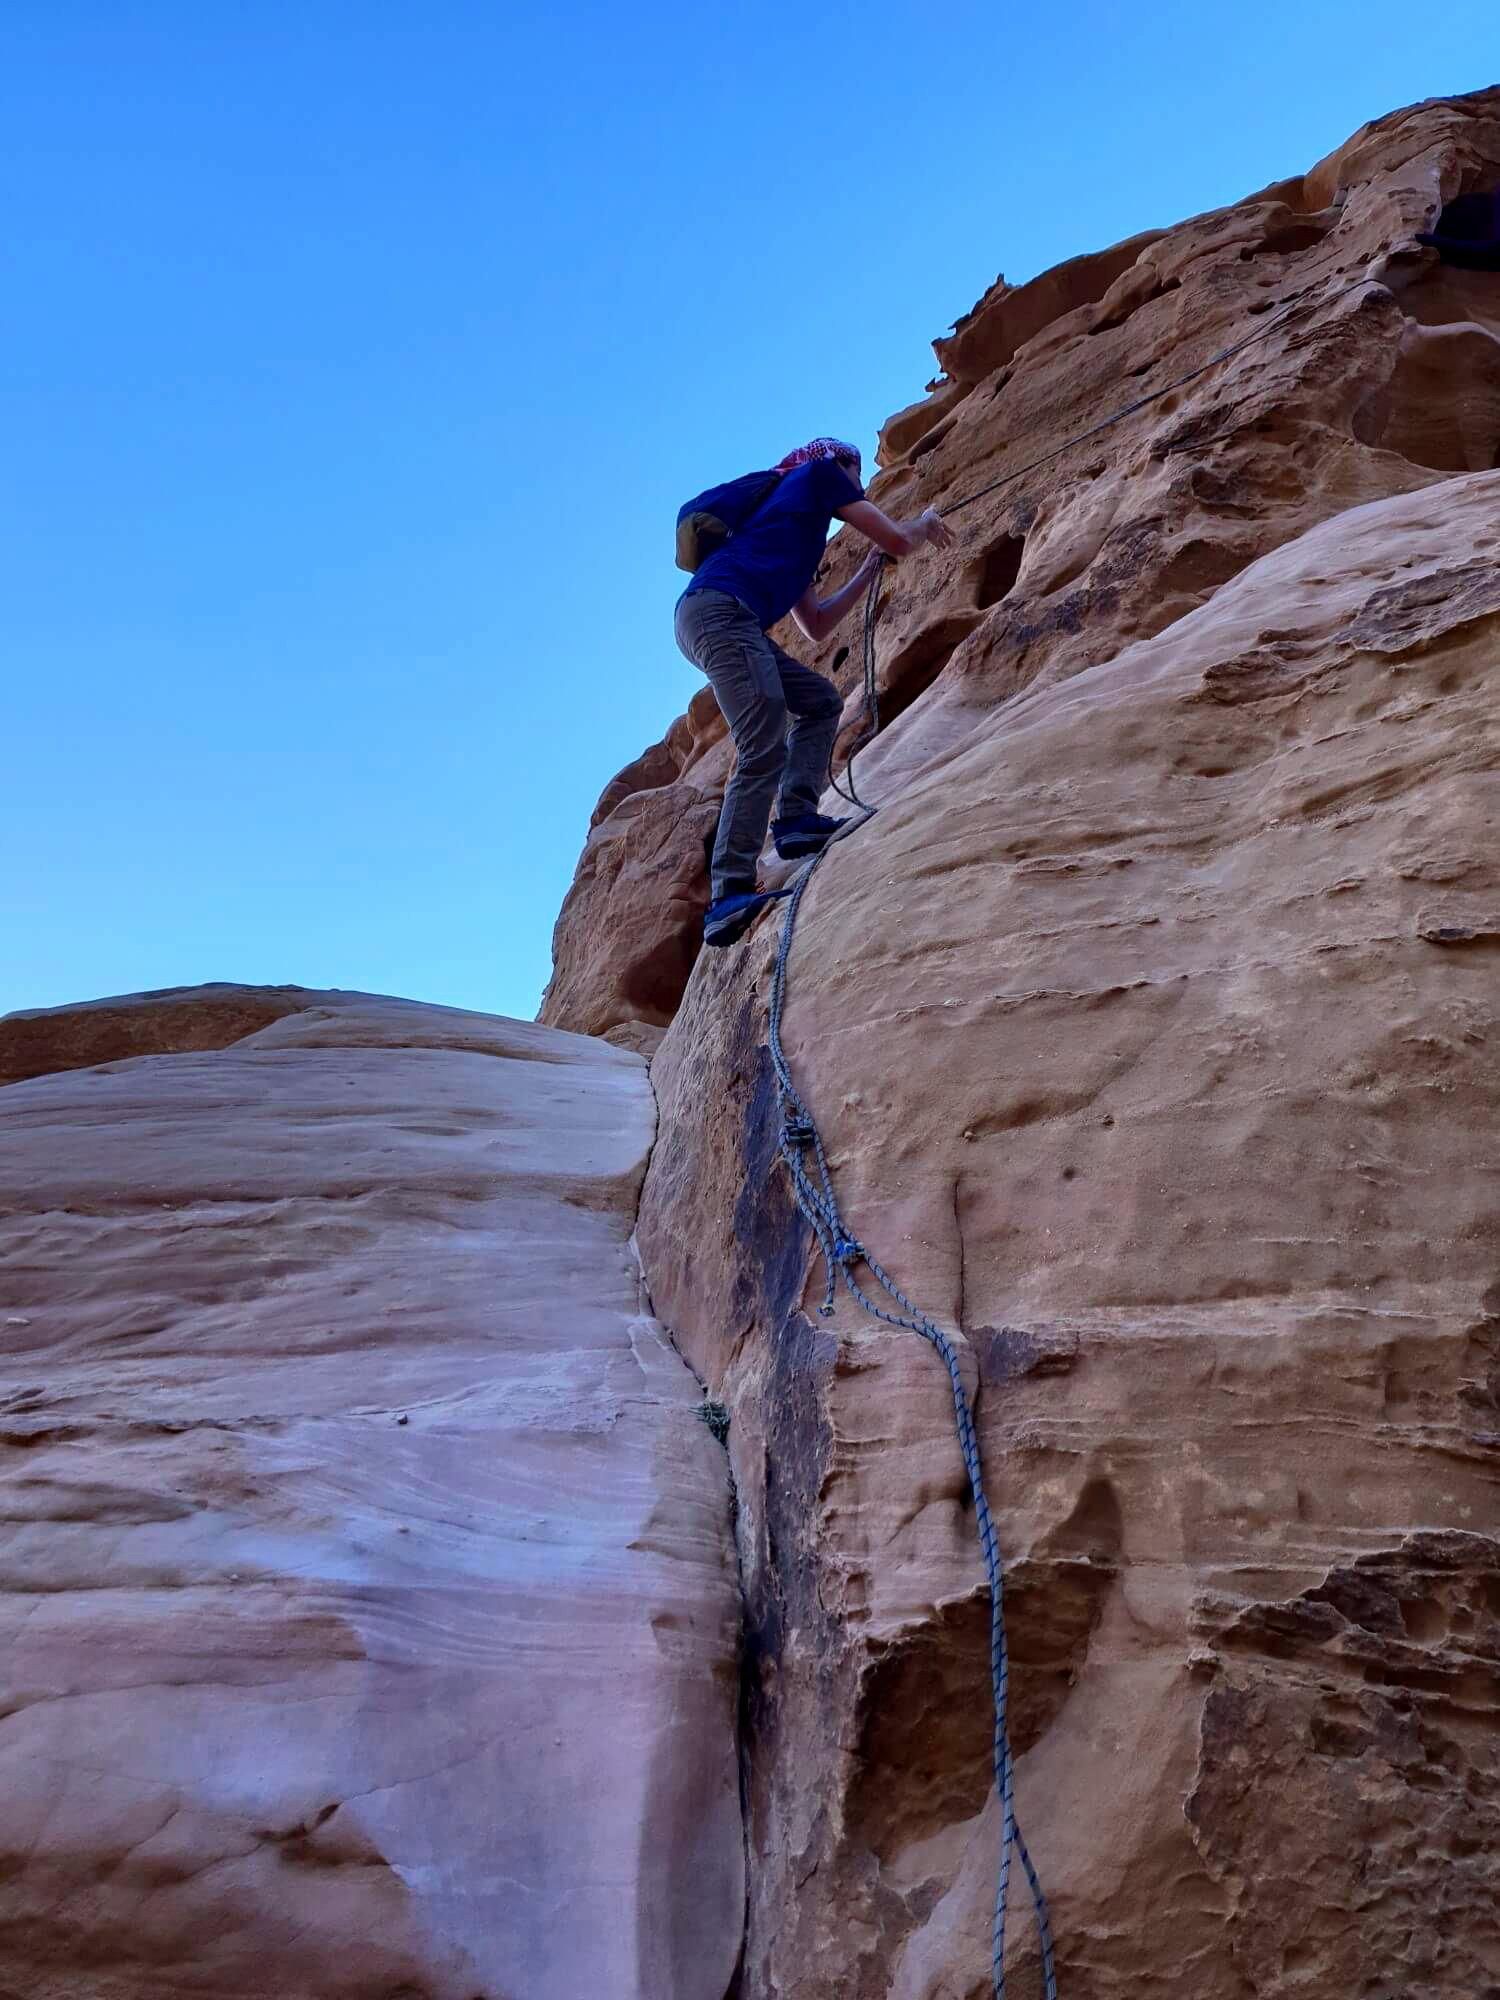 Kletterabenteuer im Wadi Rum.